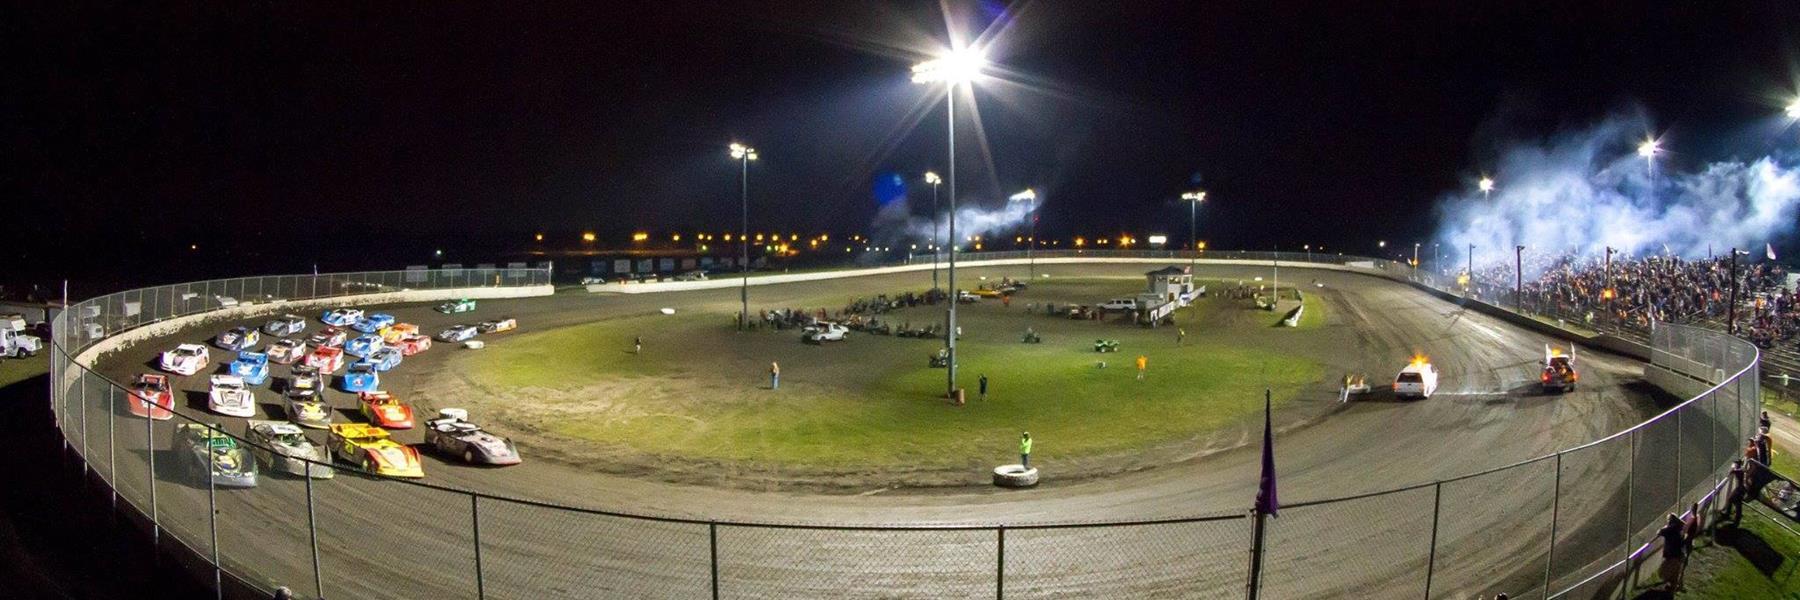 10/17/2021 - Tri City Speedway